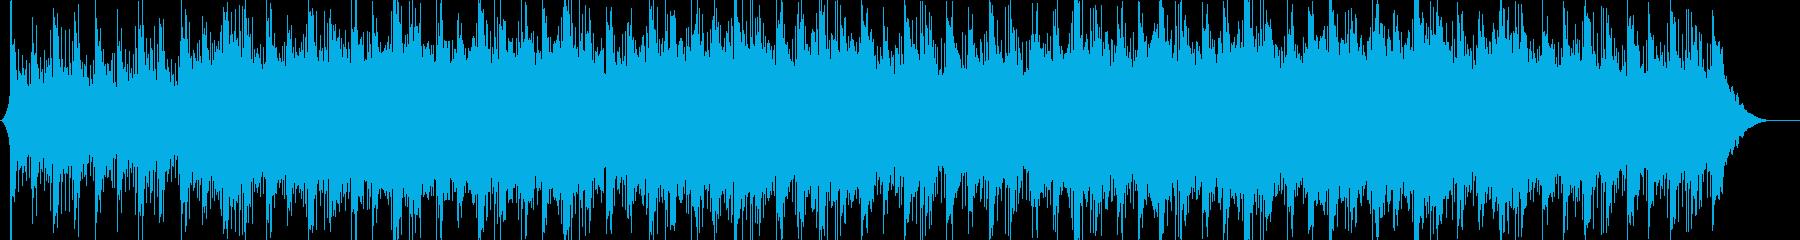 爽やか、企業VP、疾走感【リズム抜き】の再生済みの波形